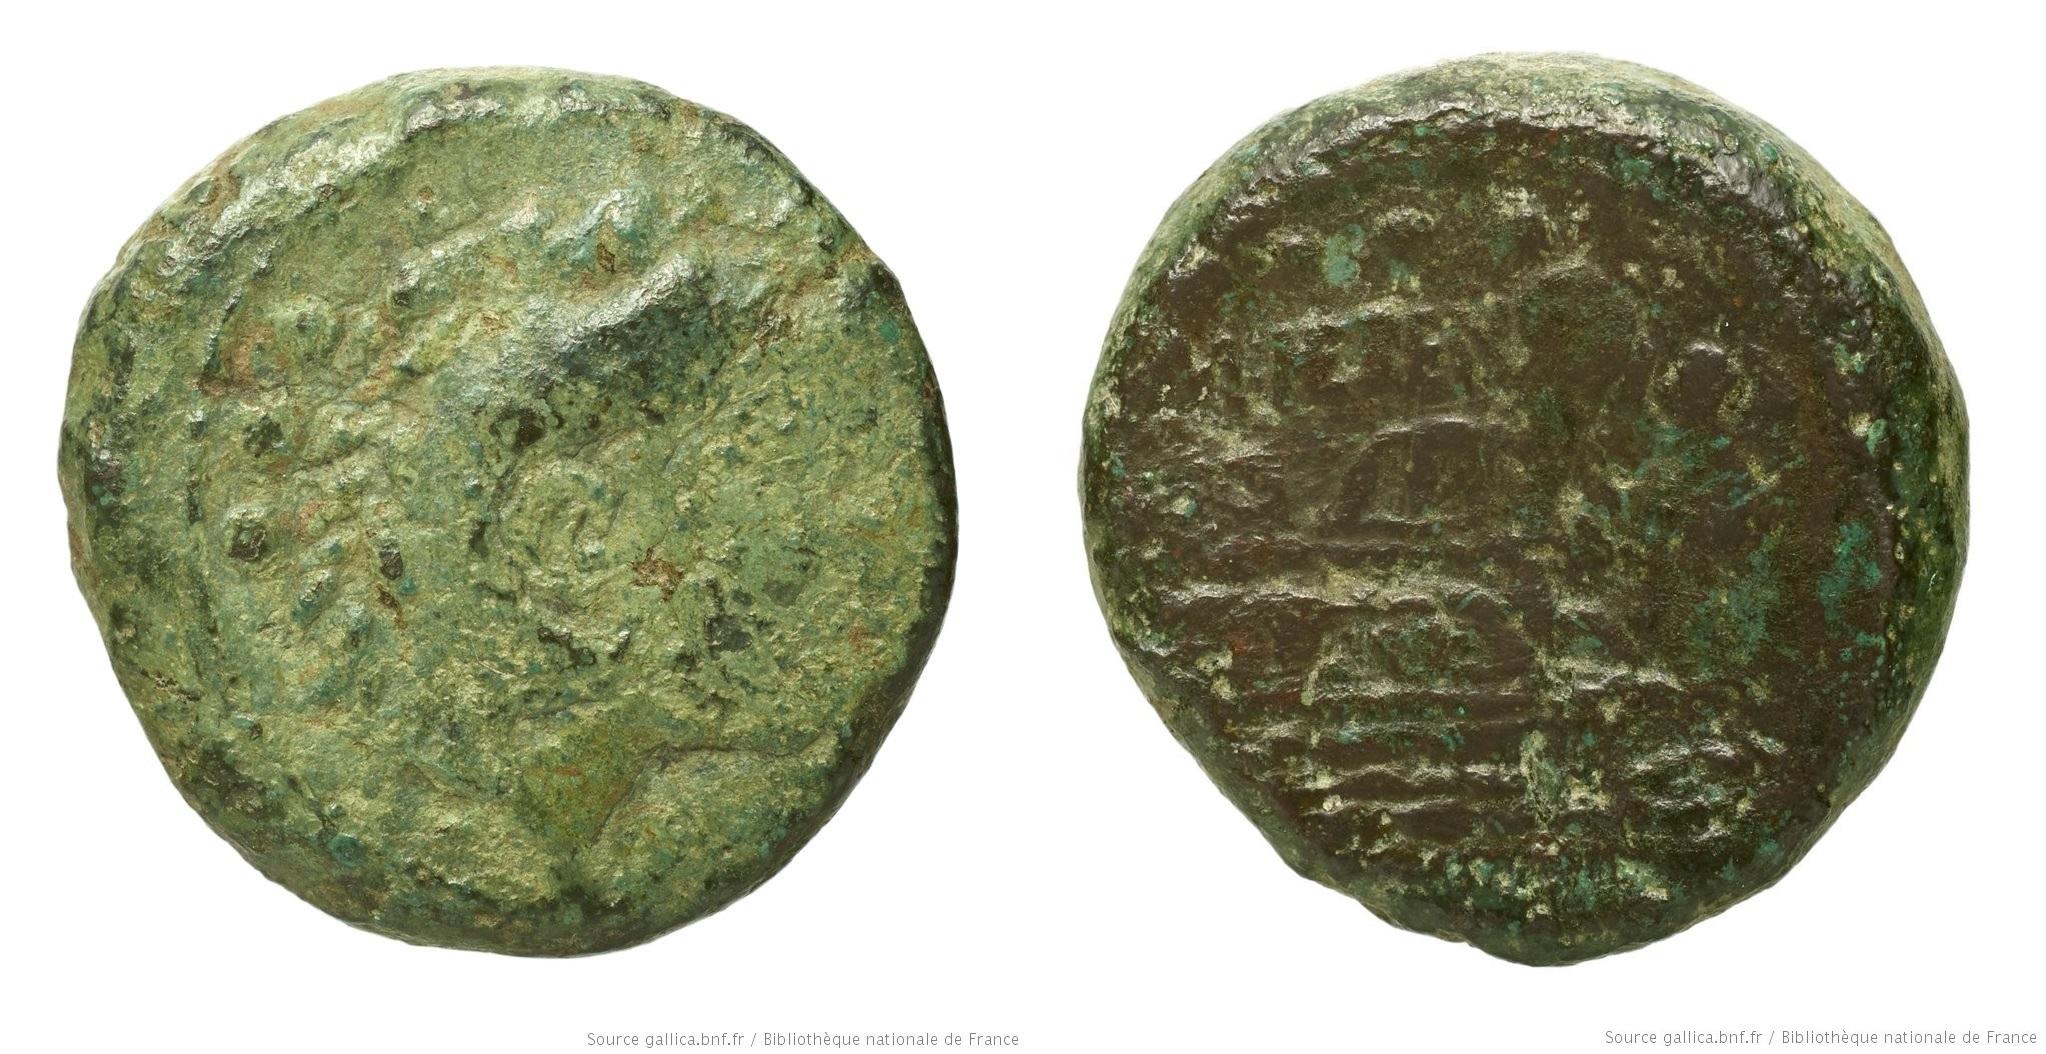 1127HE – Quadrans Herennia – Marcus Herennius